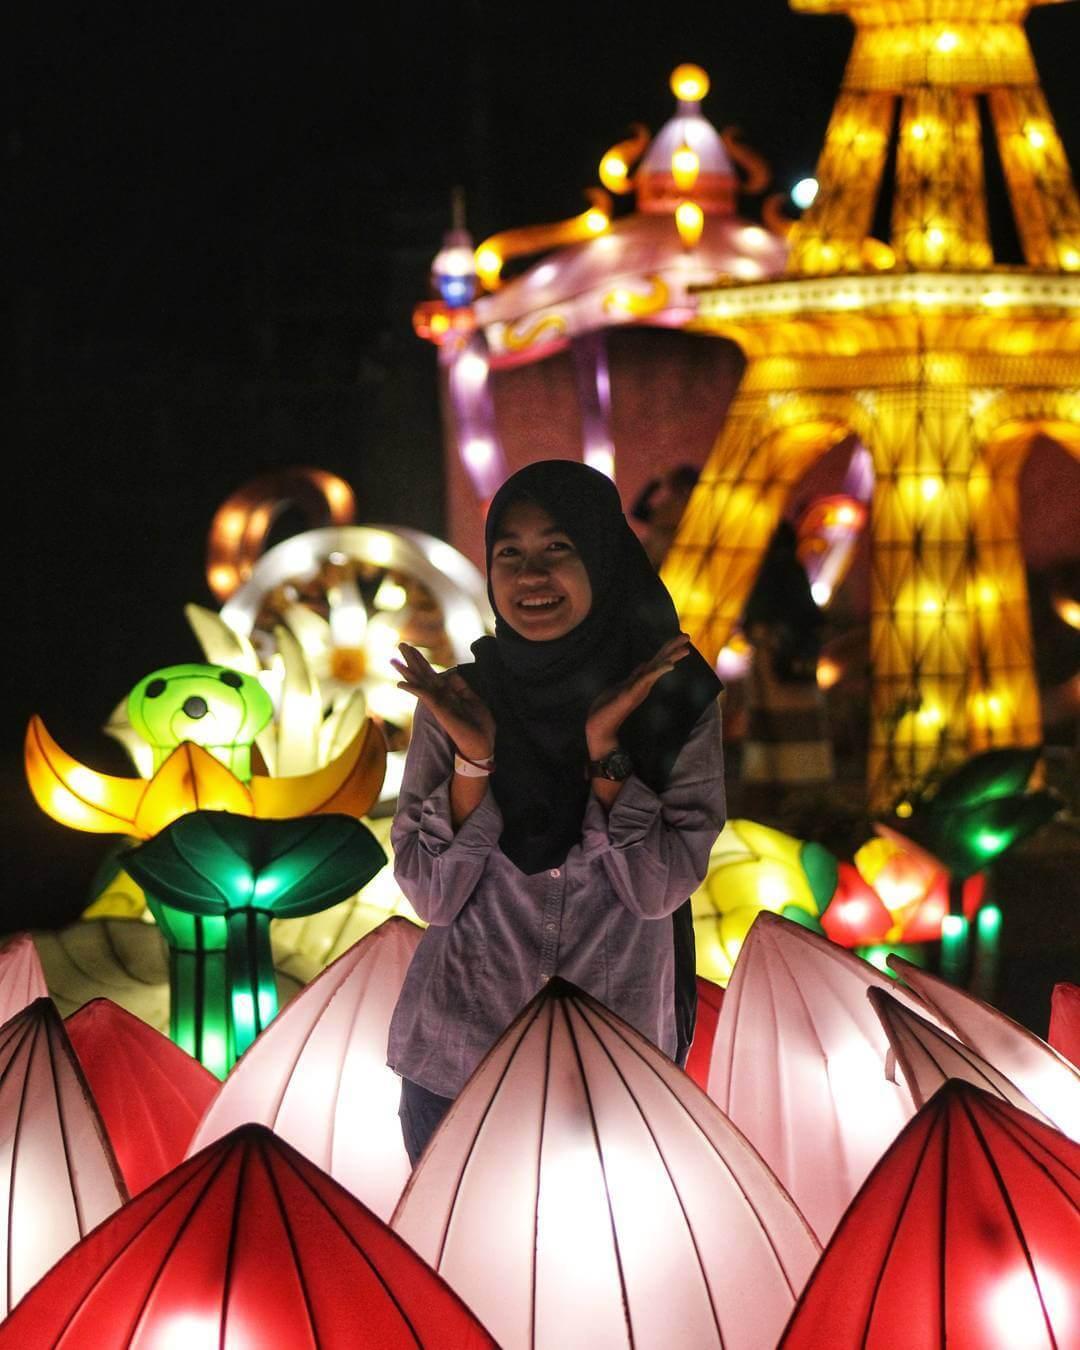 Objek Wisata Menarik Bns Batu Night Spectacular Kota